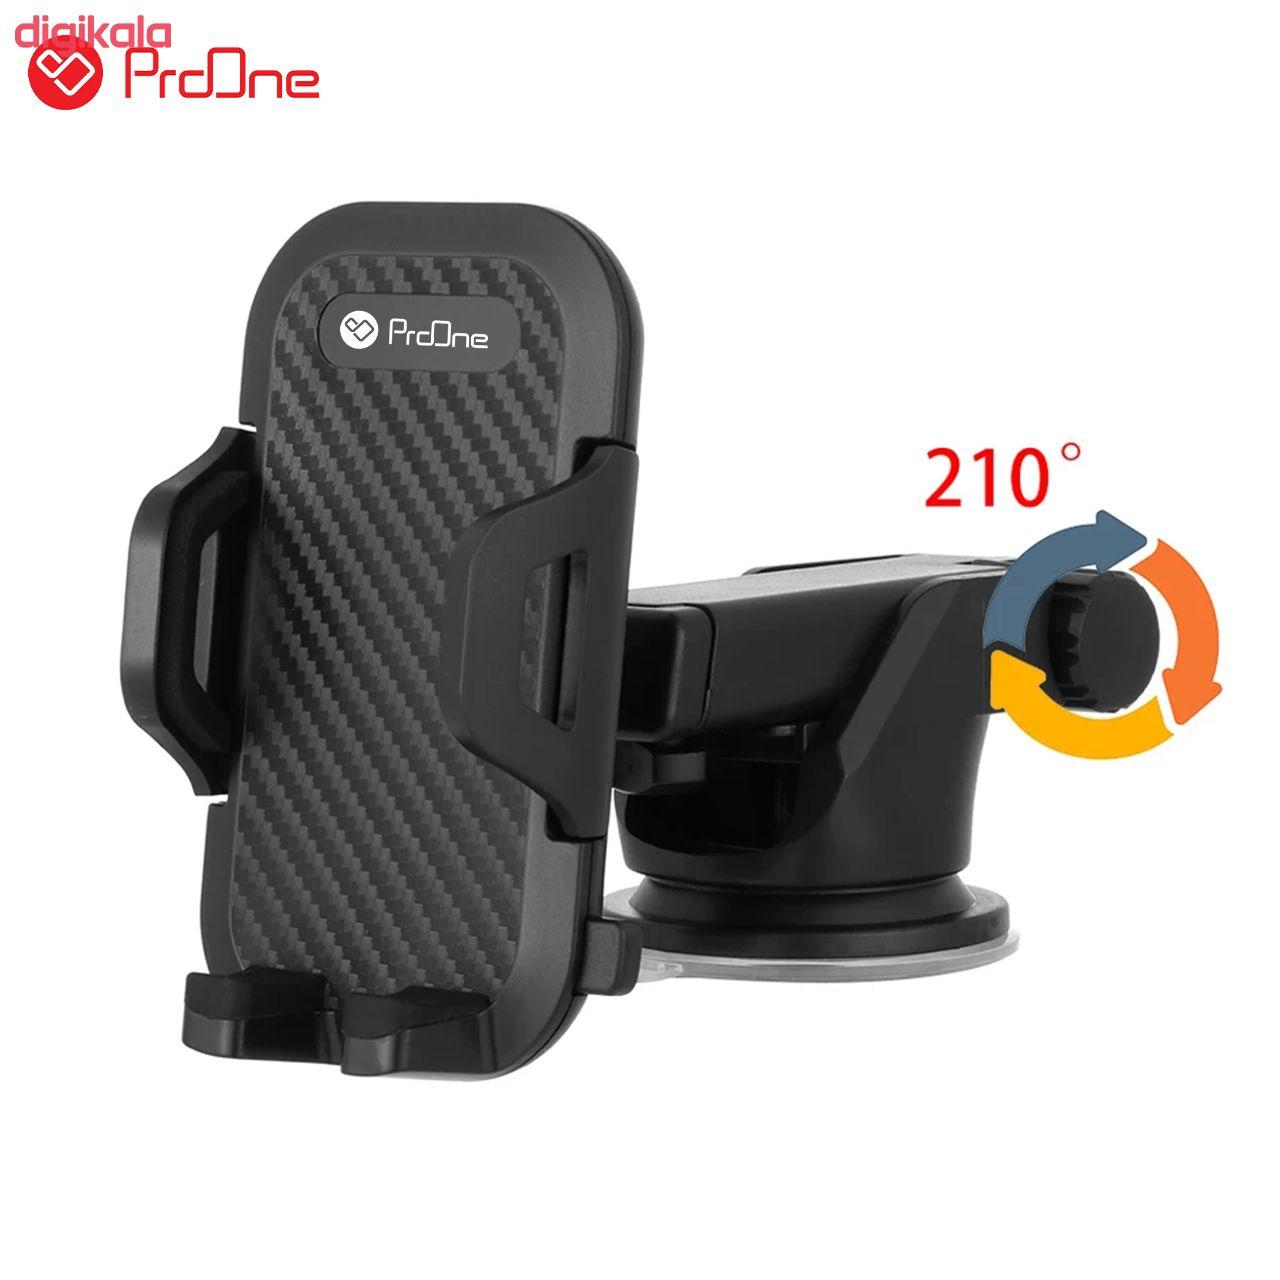 پایه نگهدارنده گوشی موبایل پرووان مدل PHD05 main 1 7